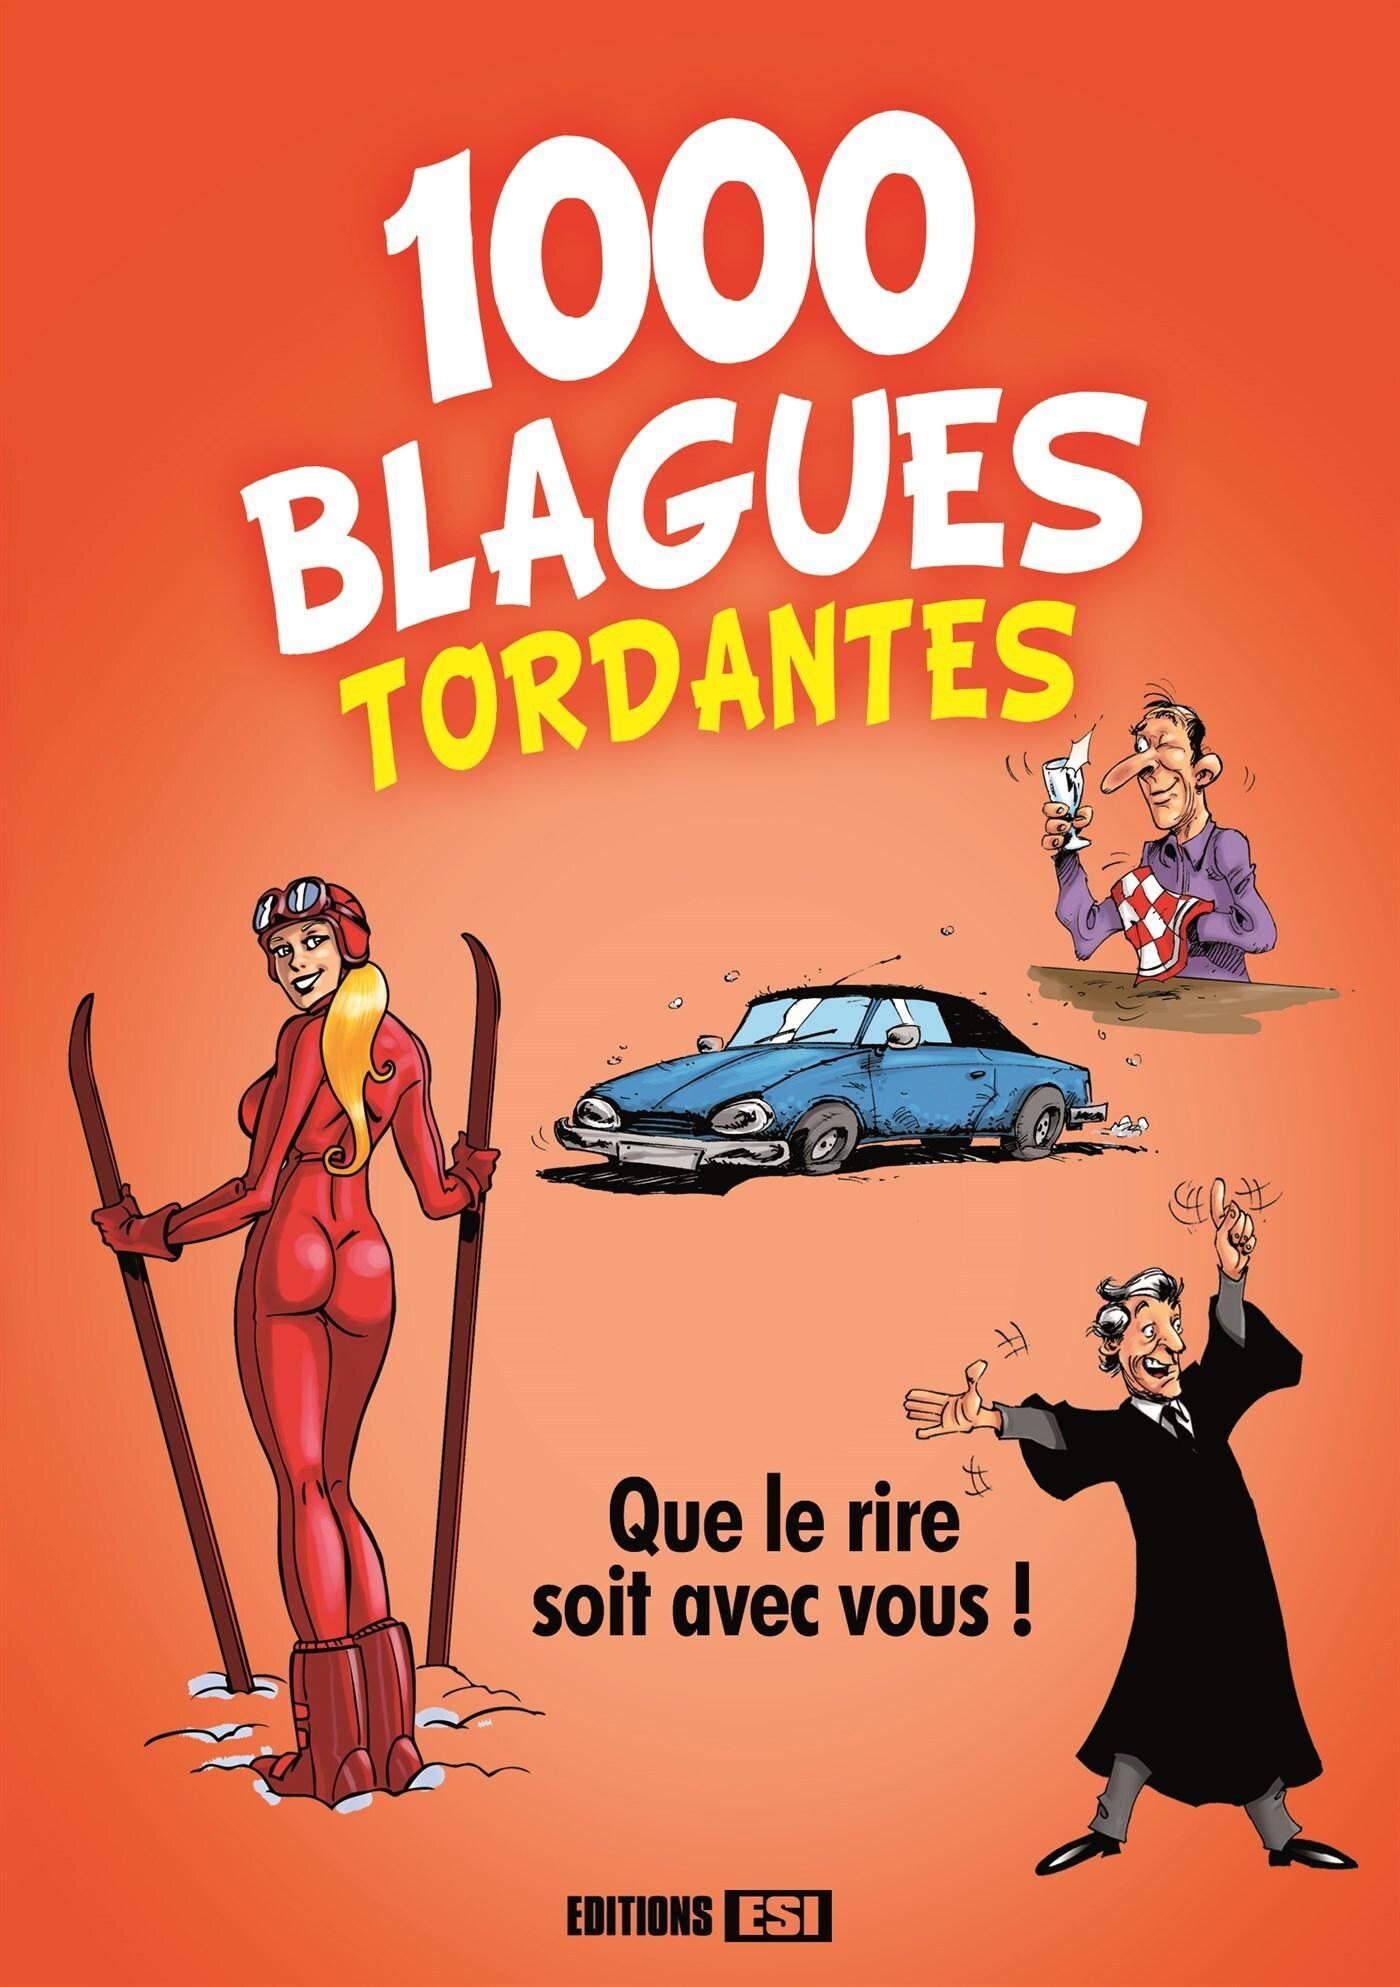 1000 BLAGUES TORDANTES